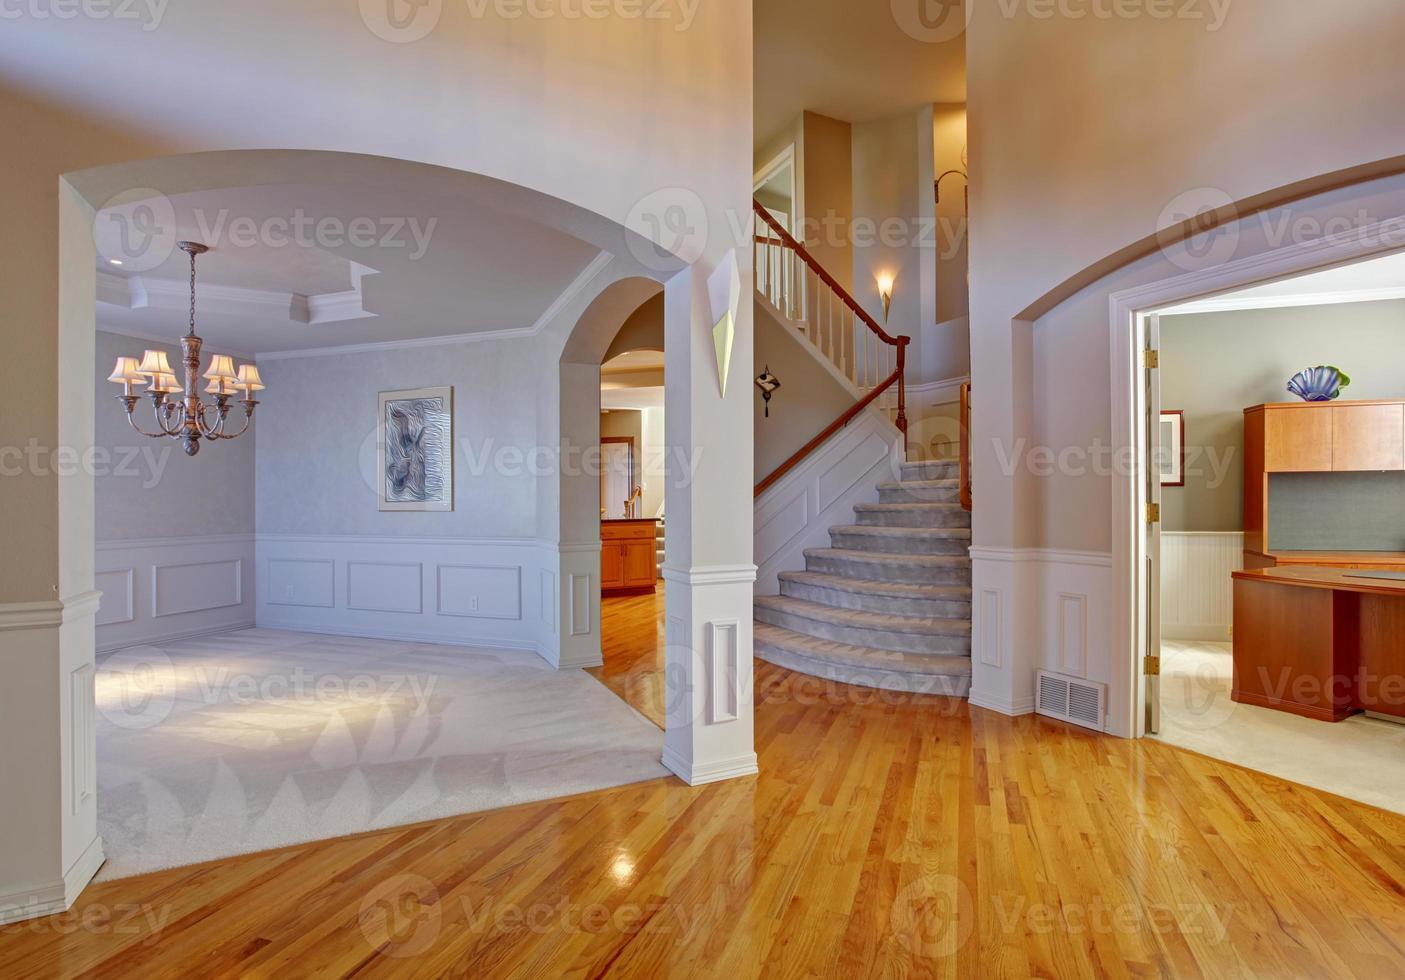 interno di casa di lusso con archi e soffitto alto foto